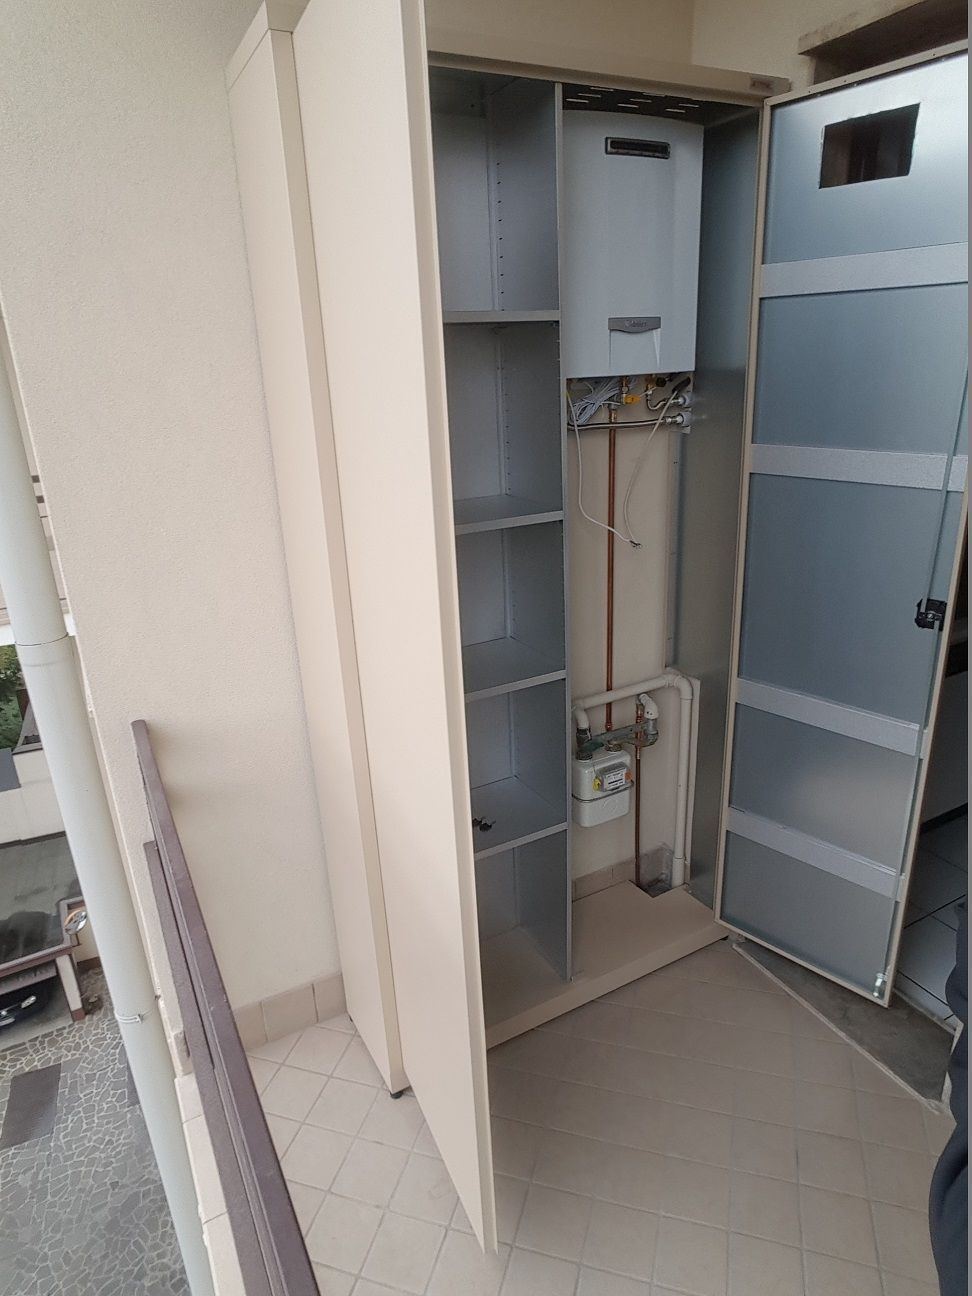 Mobile Da Esterno Per Lavatrice copri caldaia / contatore (con immagini) | armadio esterno